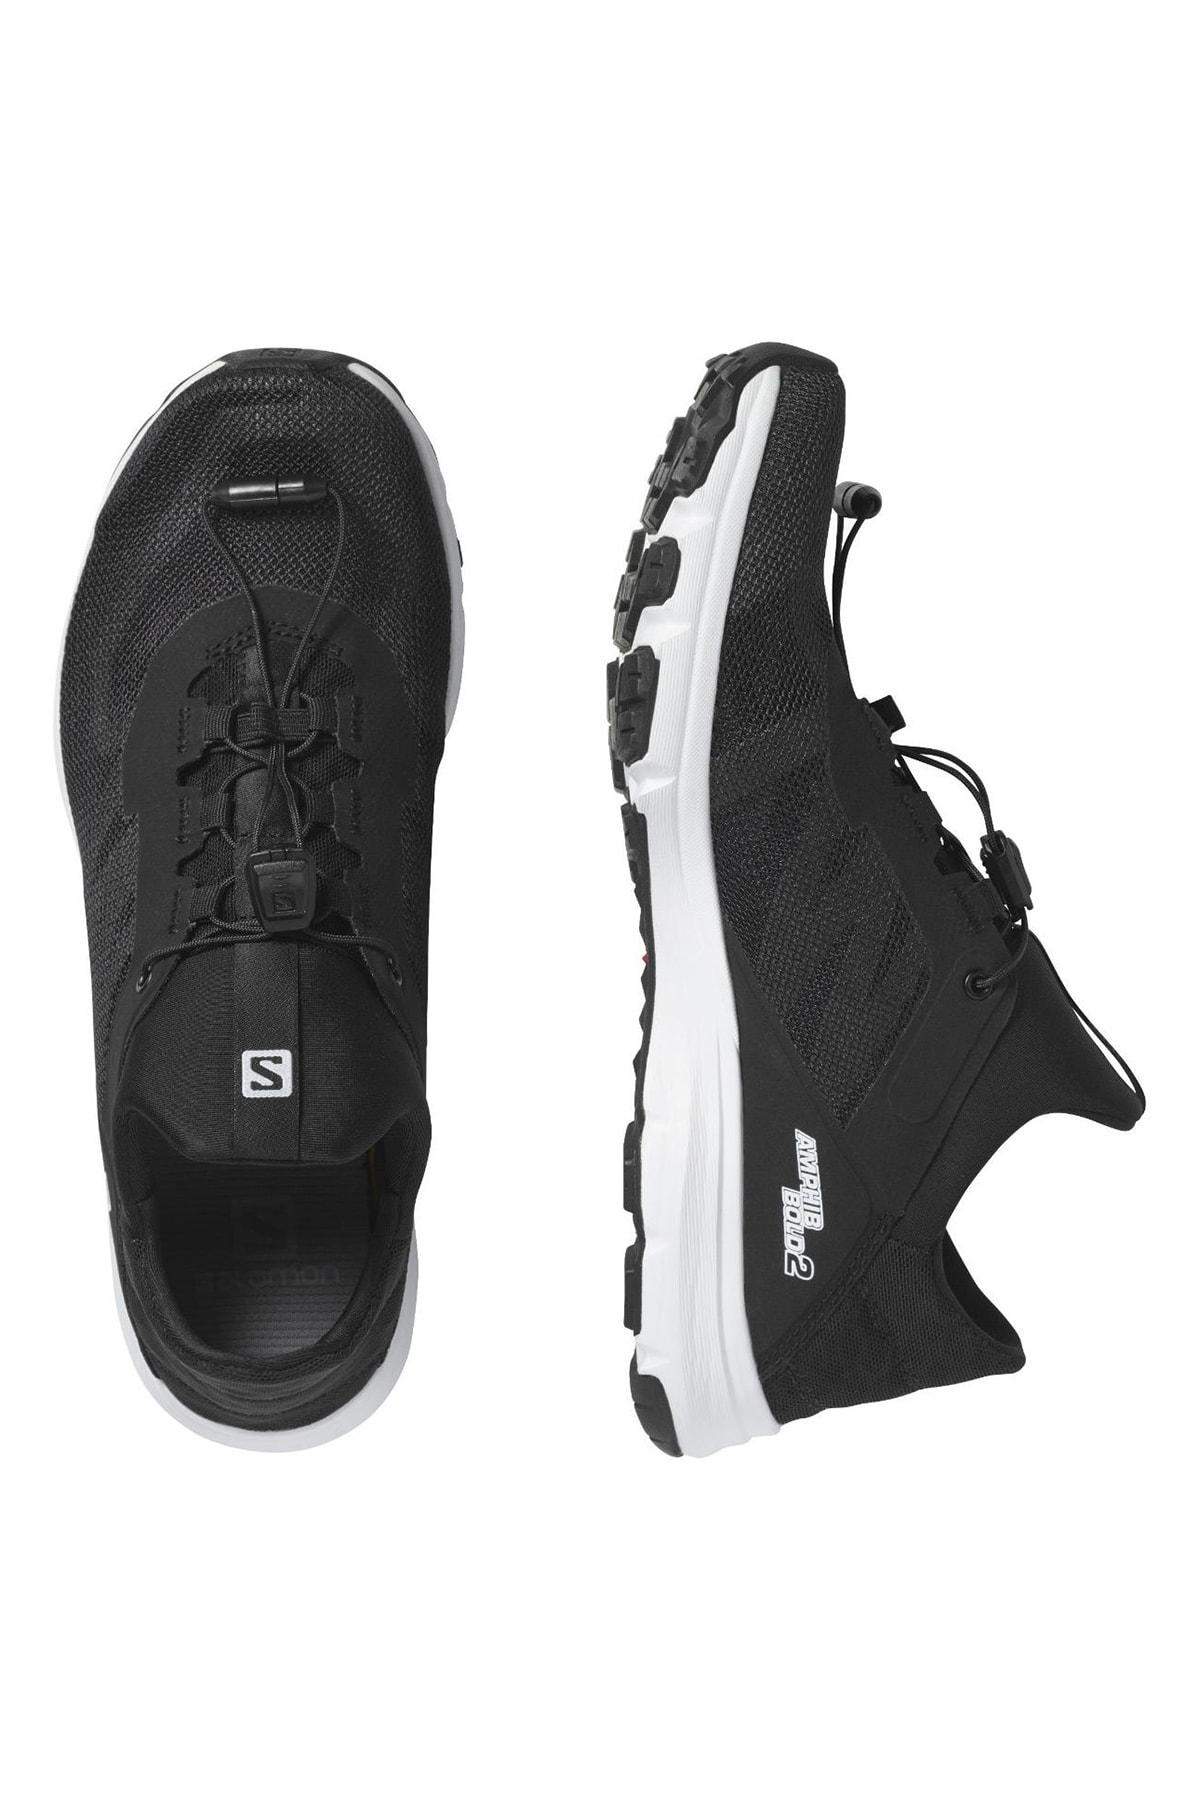 Salomon Kadın Siyah Outdoor Ayakkabı L41304200 2